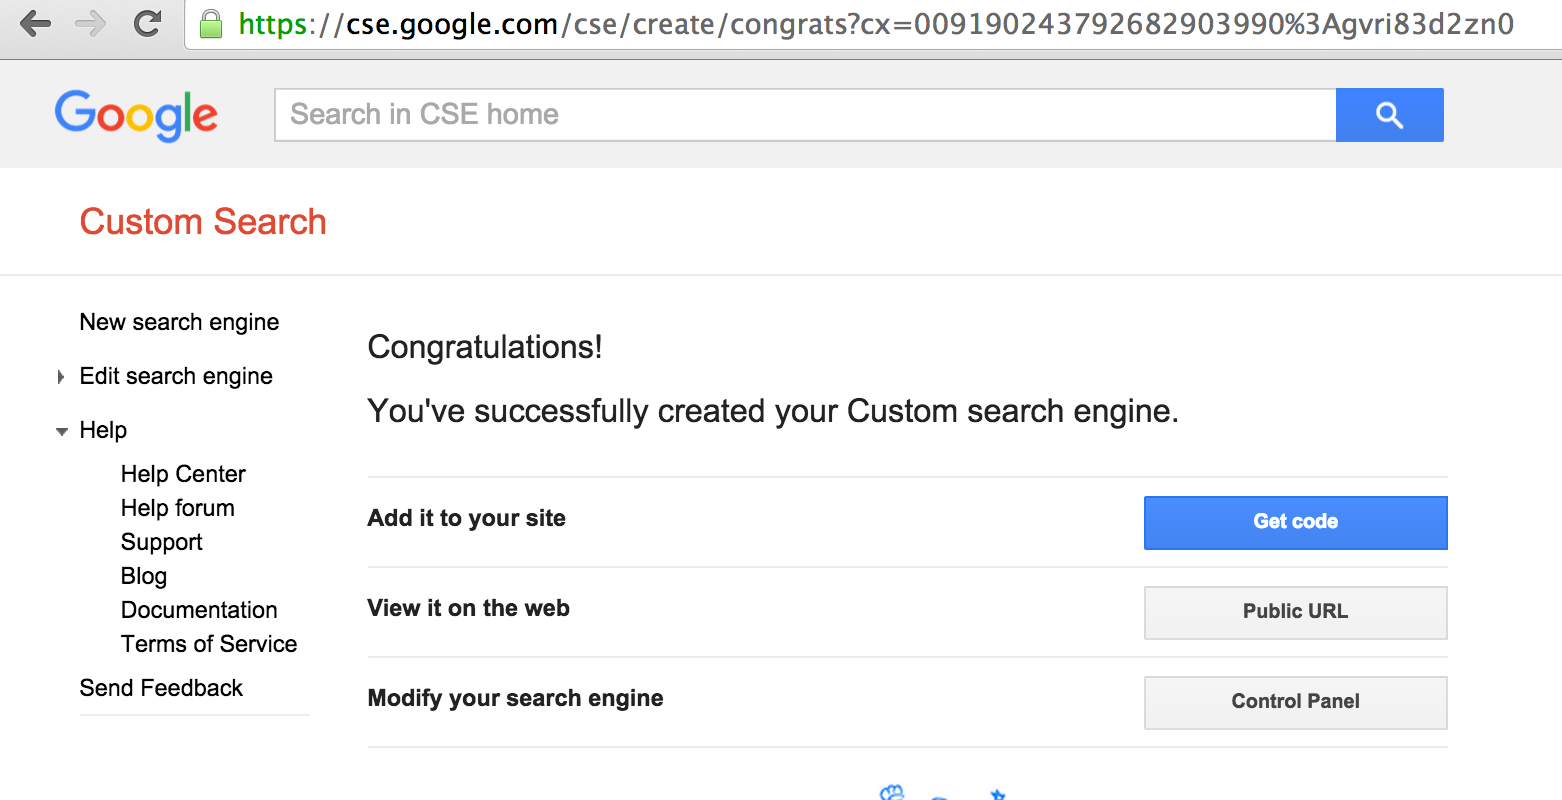 Custom_Search_-_Congratulations_